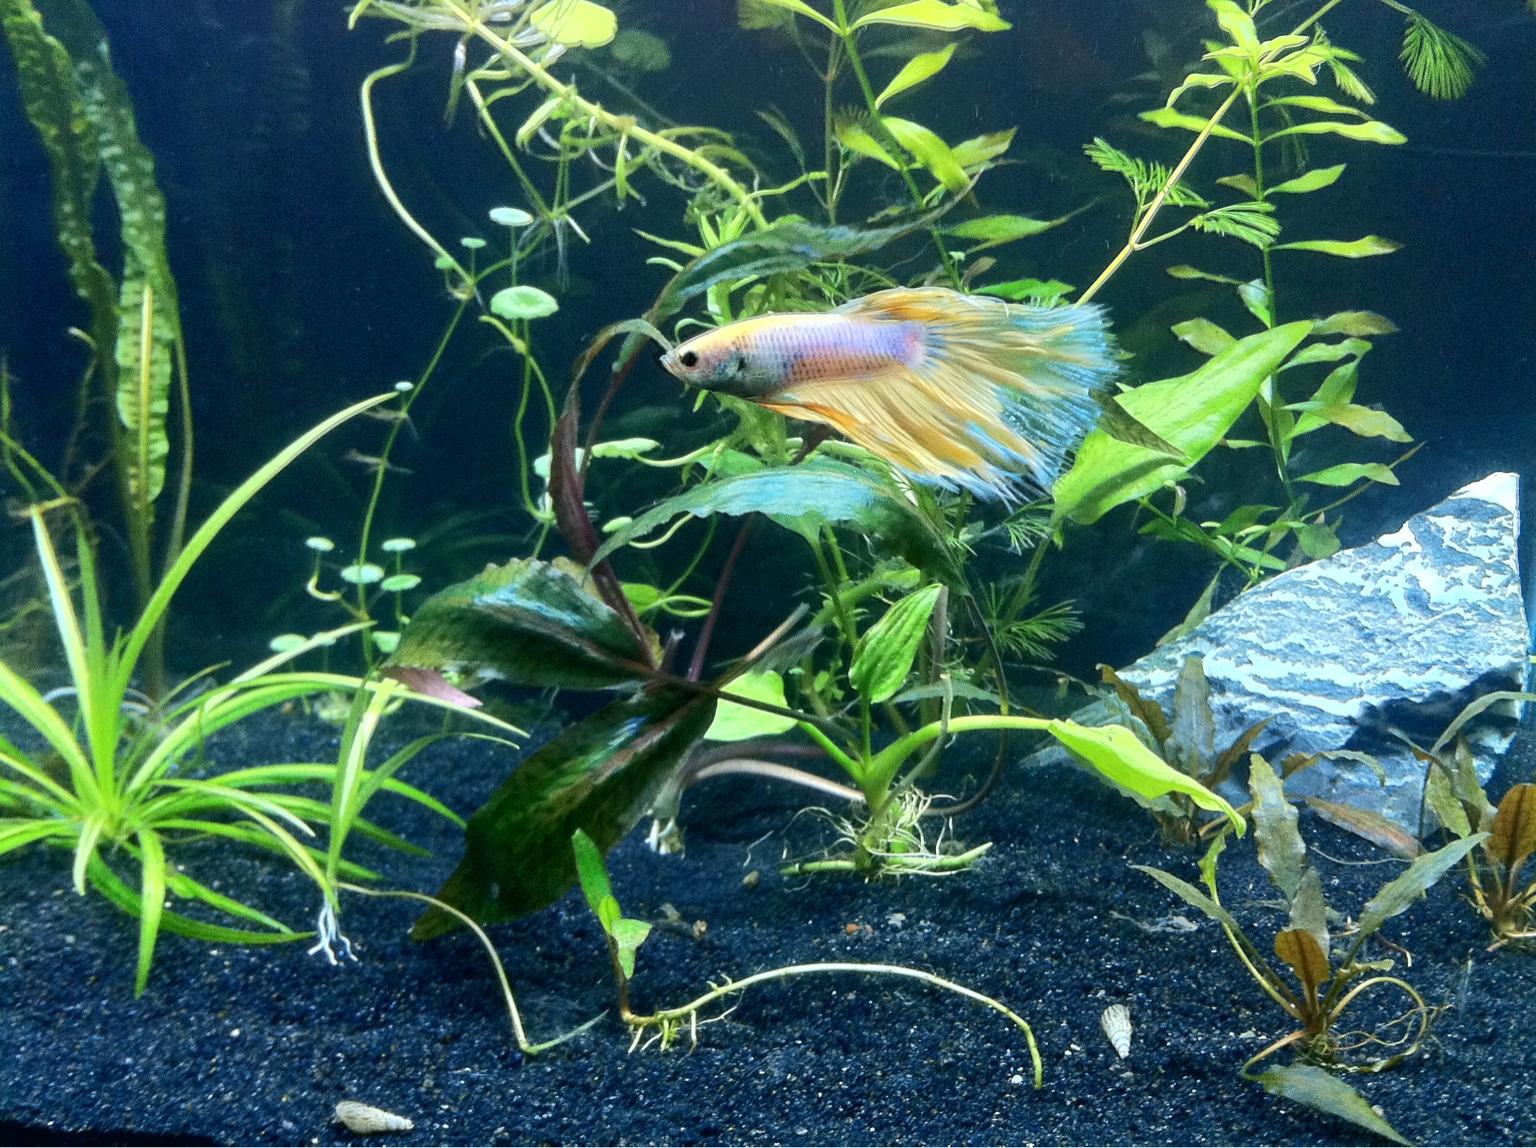 Fish aquarium identification - What Do You Use For Black Substrate Aquarium Advice Aquarium Forum Community